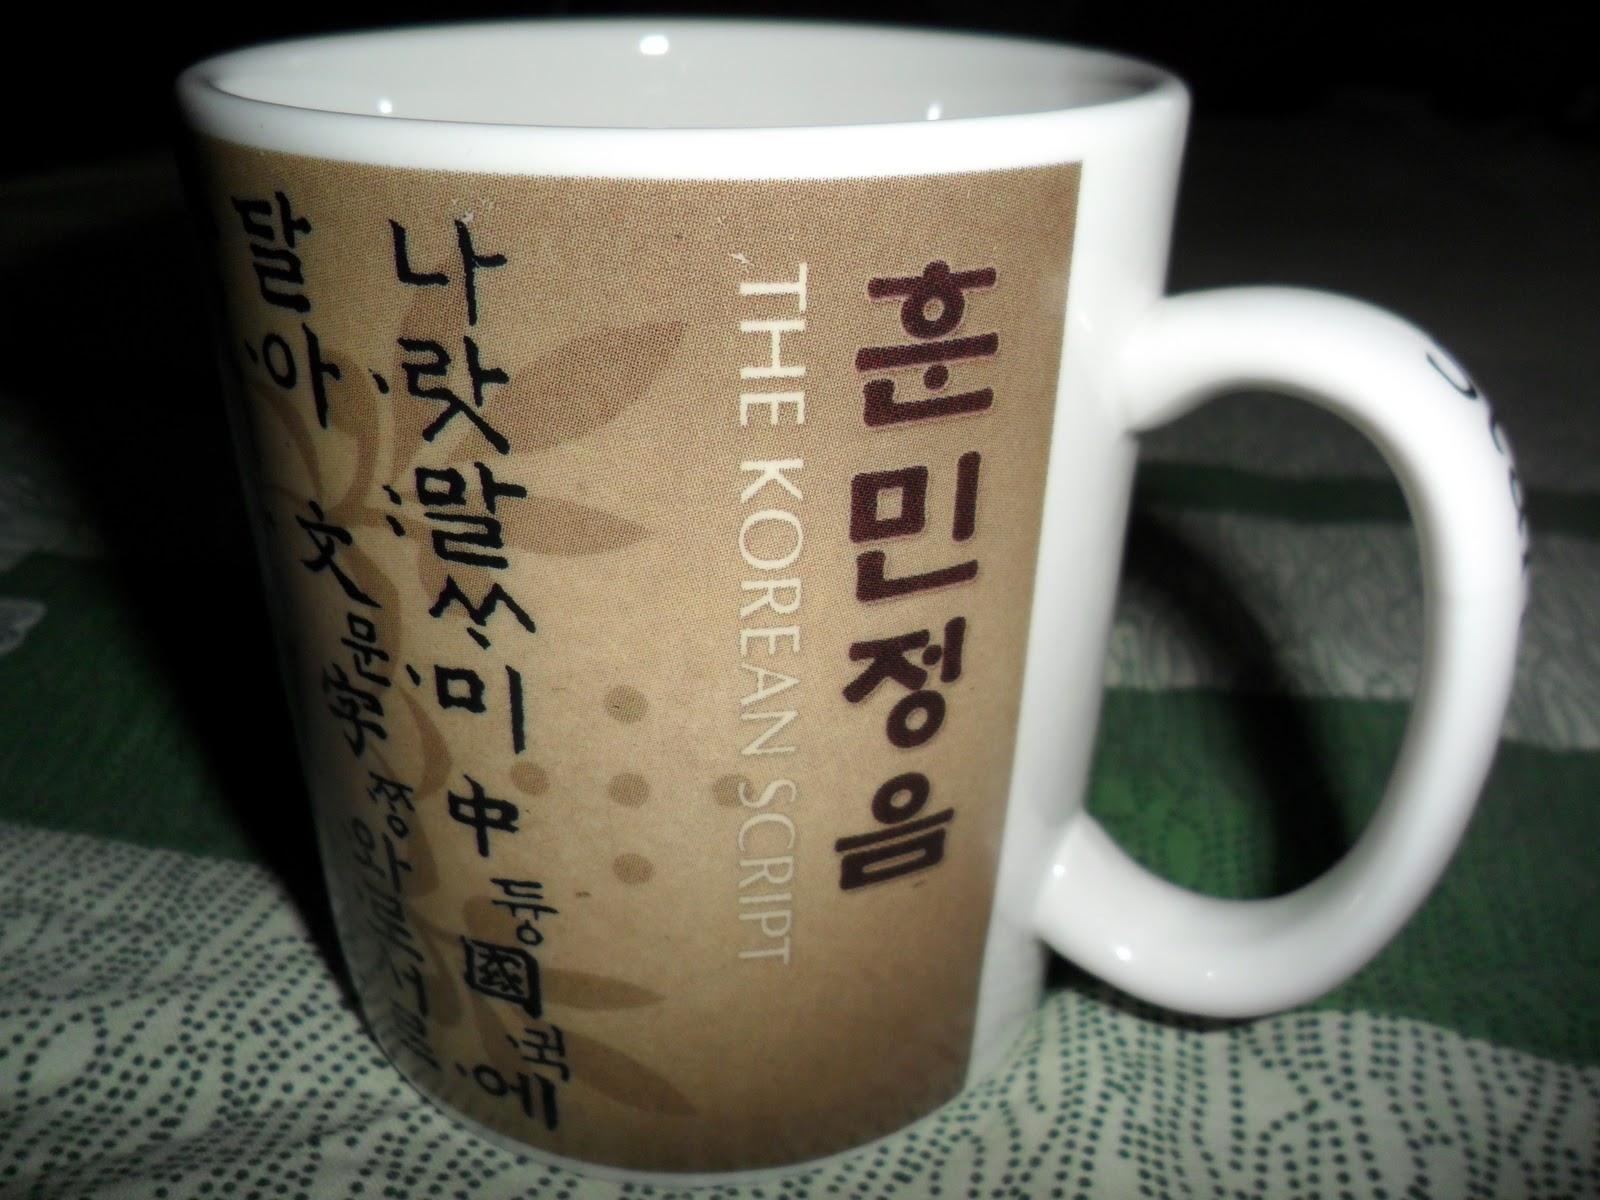 From Script Starbucks Mom's PovMy Mug Korean A 54AqR3Lj